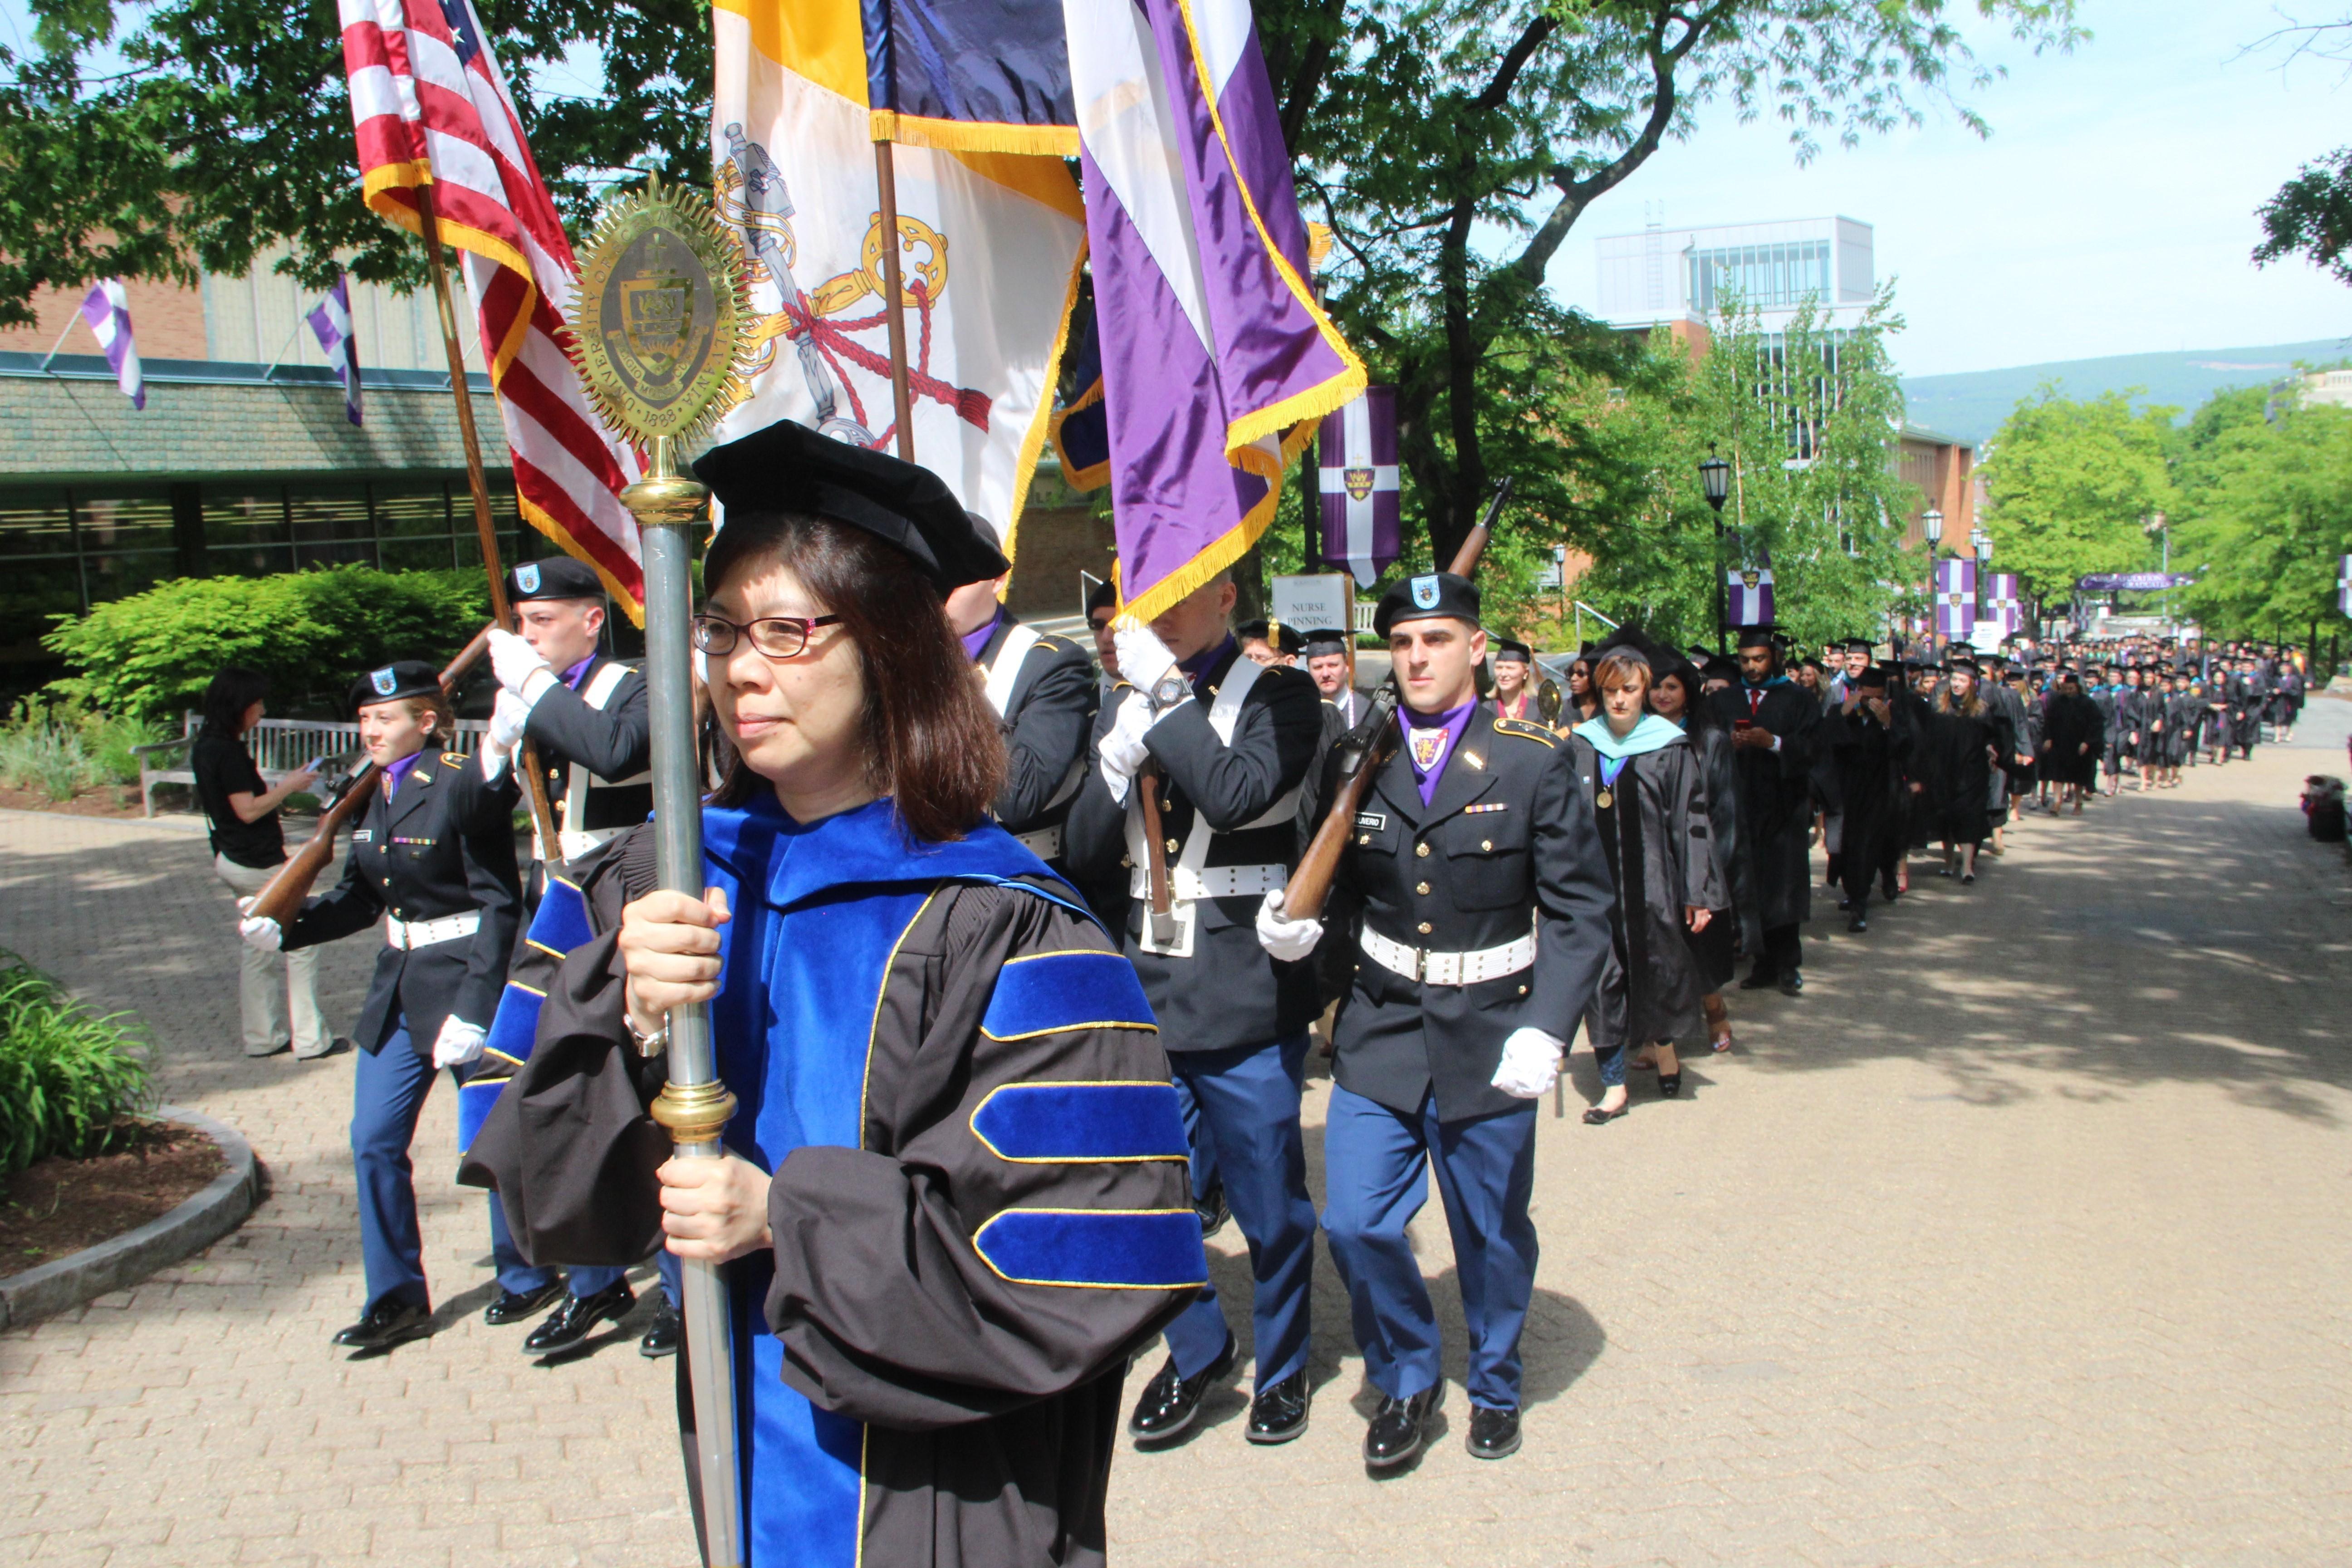 Graduate commencement photo